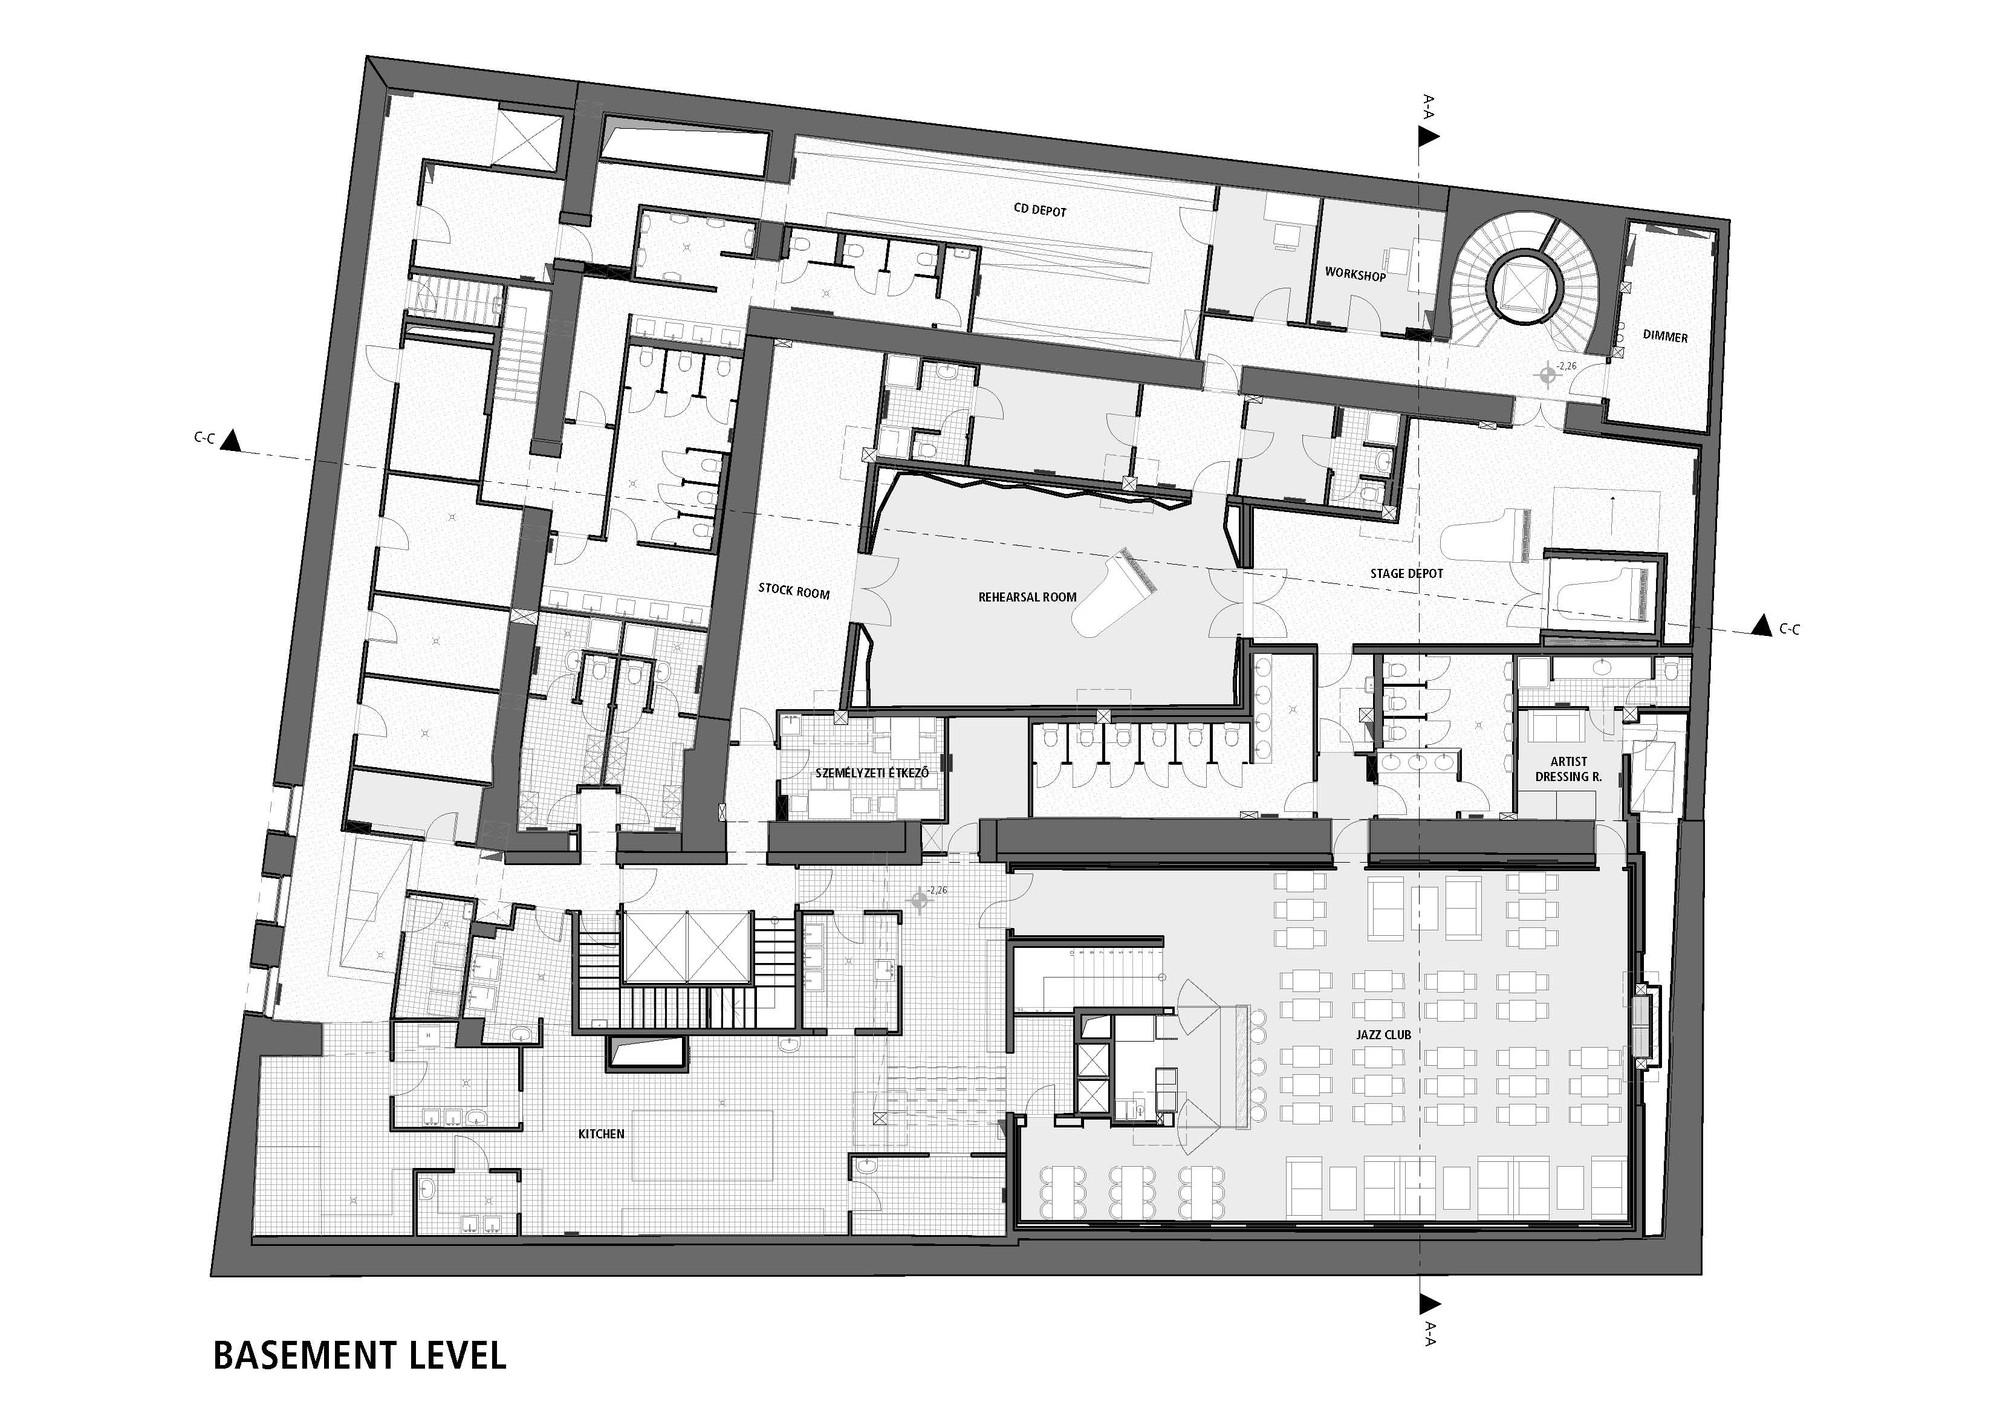 Gallery of budapest music center art1st design studio 29 for Music studio floor plans